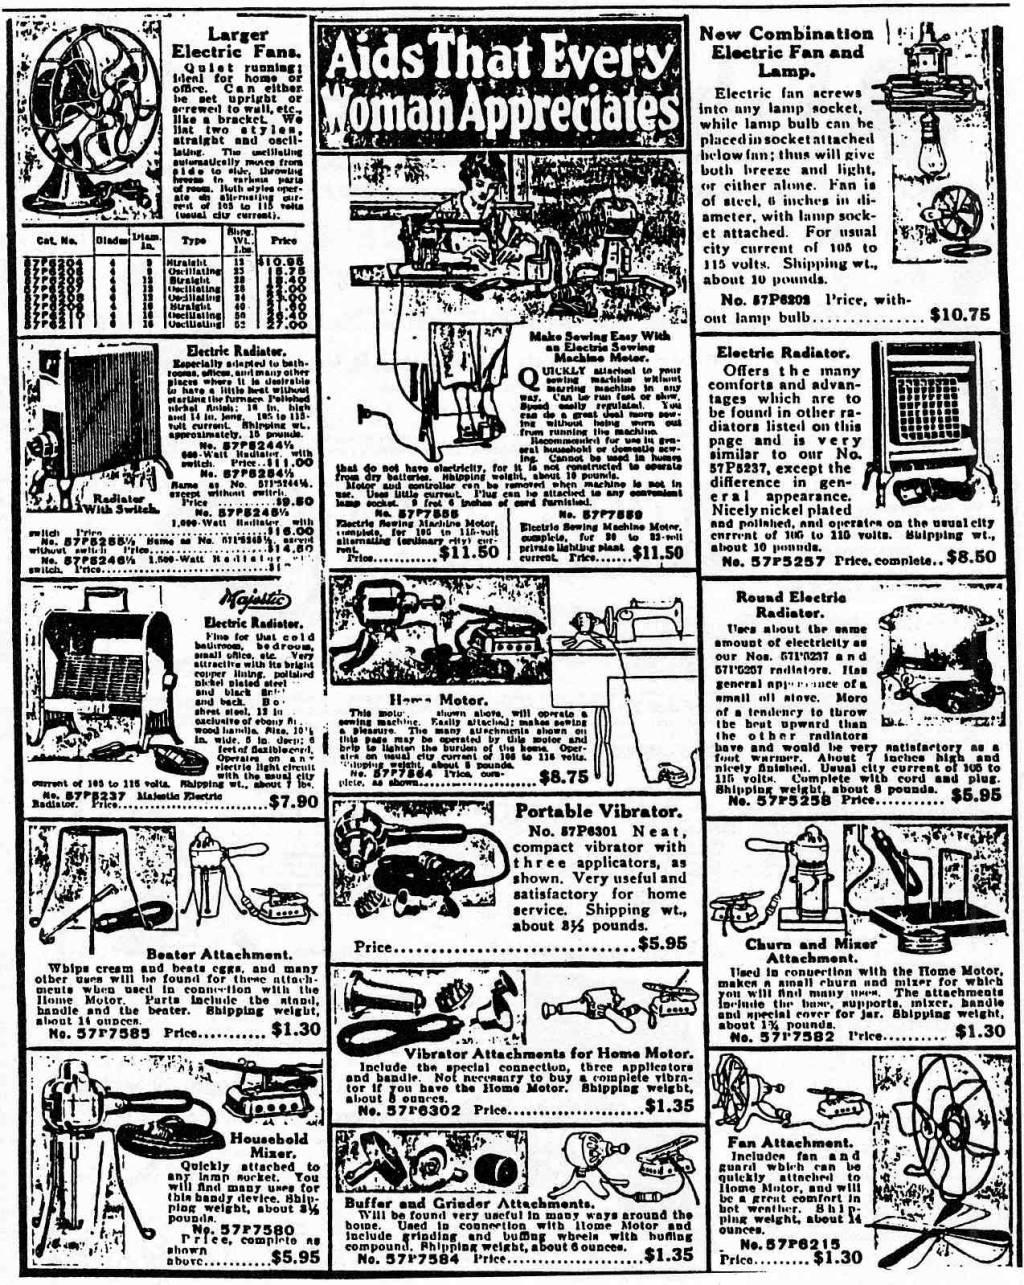 richard warren sears and sears roebuck Richard warren sears and sears, roebuck, & company essay, research paper richard warren sears and sears, roebuck, & company richard warren sears was born on december 7, 1863, in stewartville.